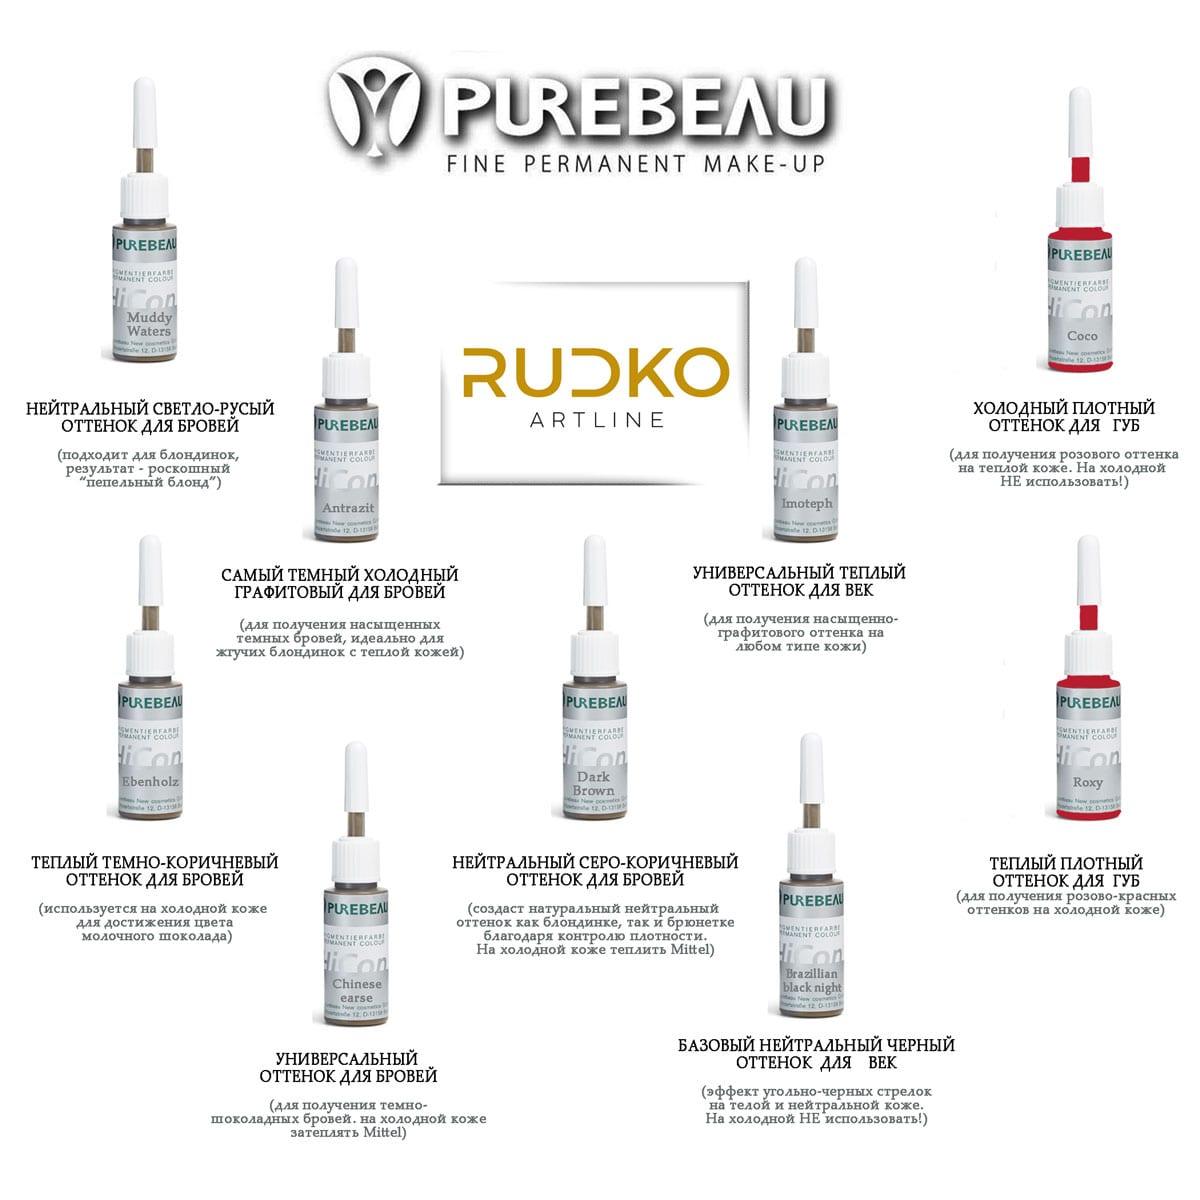 Пигменты для перманентного макияжа век Purebeau (Пьюбо)